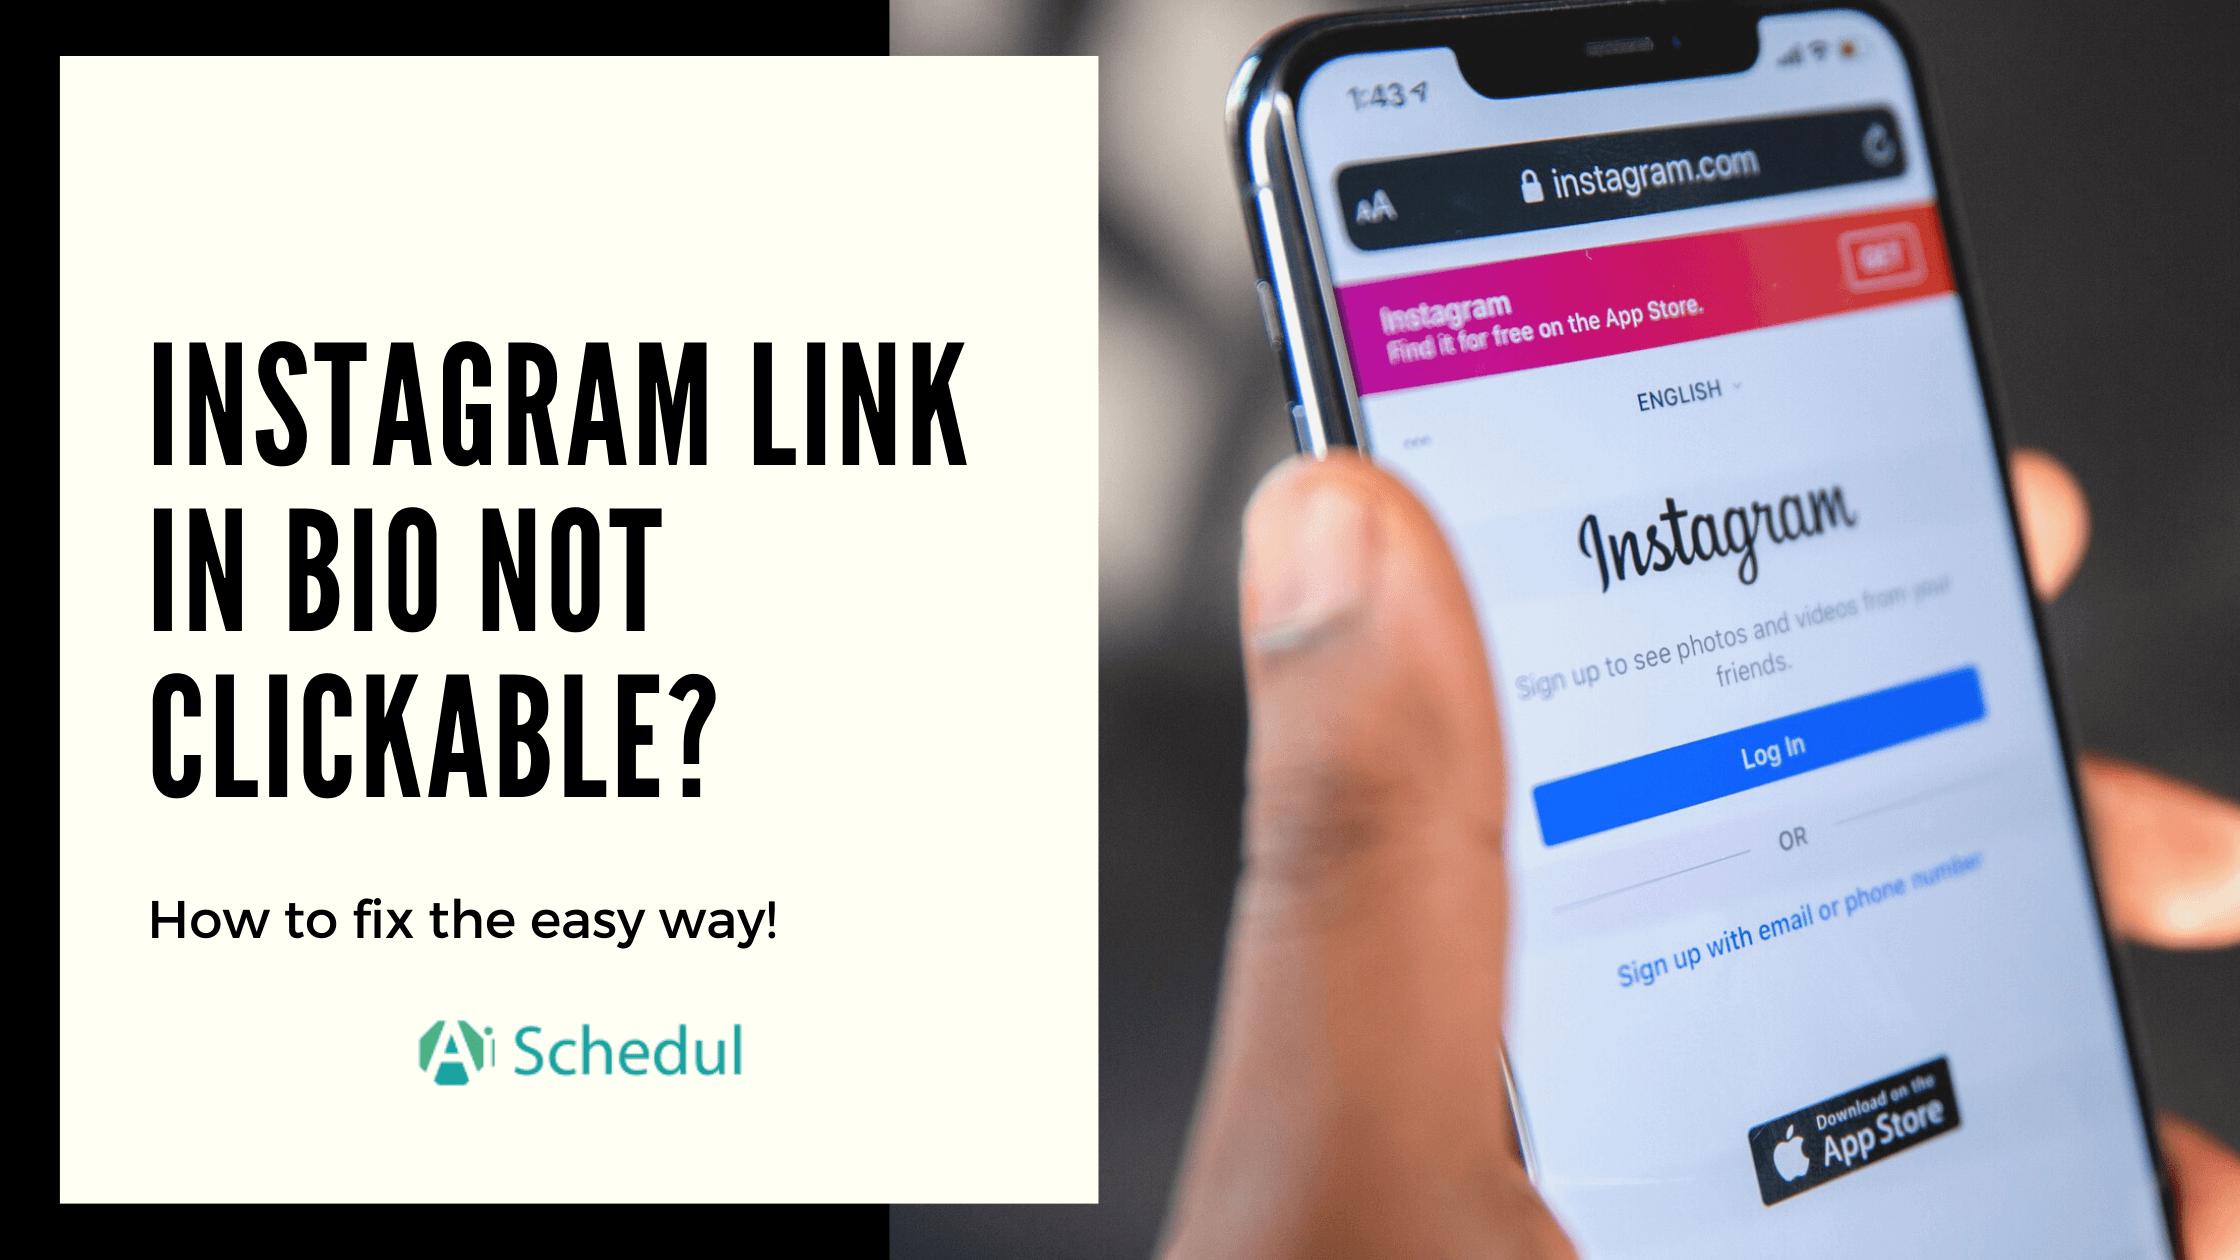 instagram link in bio not clickable